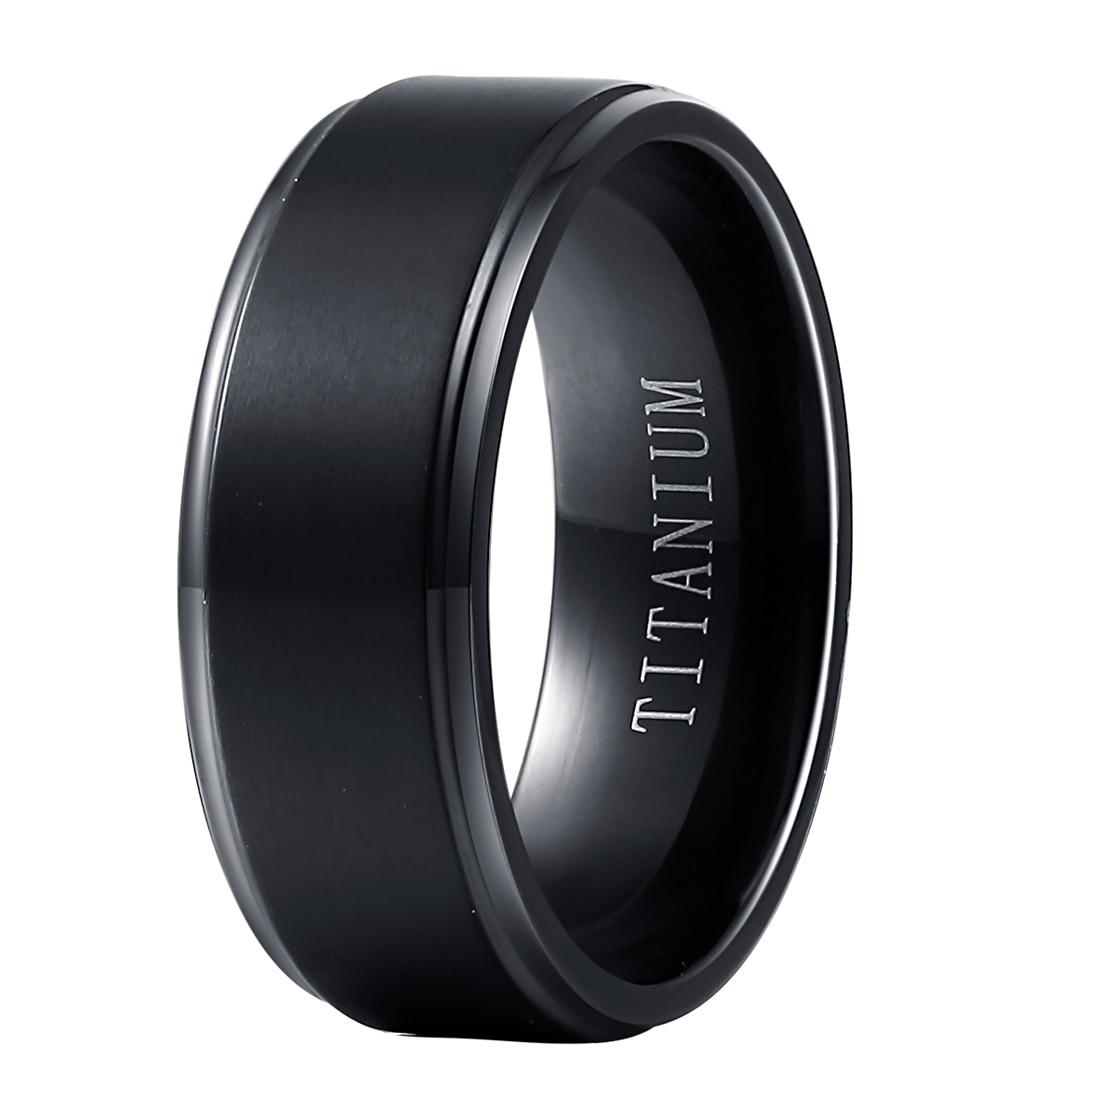 남성 여성을위한 도매 블랙 순수 티타늄 반지 8mm 와이드-에서약혼 반지부터 쥬얼리 및 액세서리 의  그룹 1